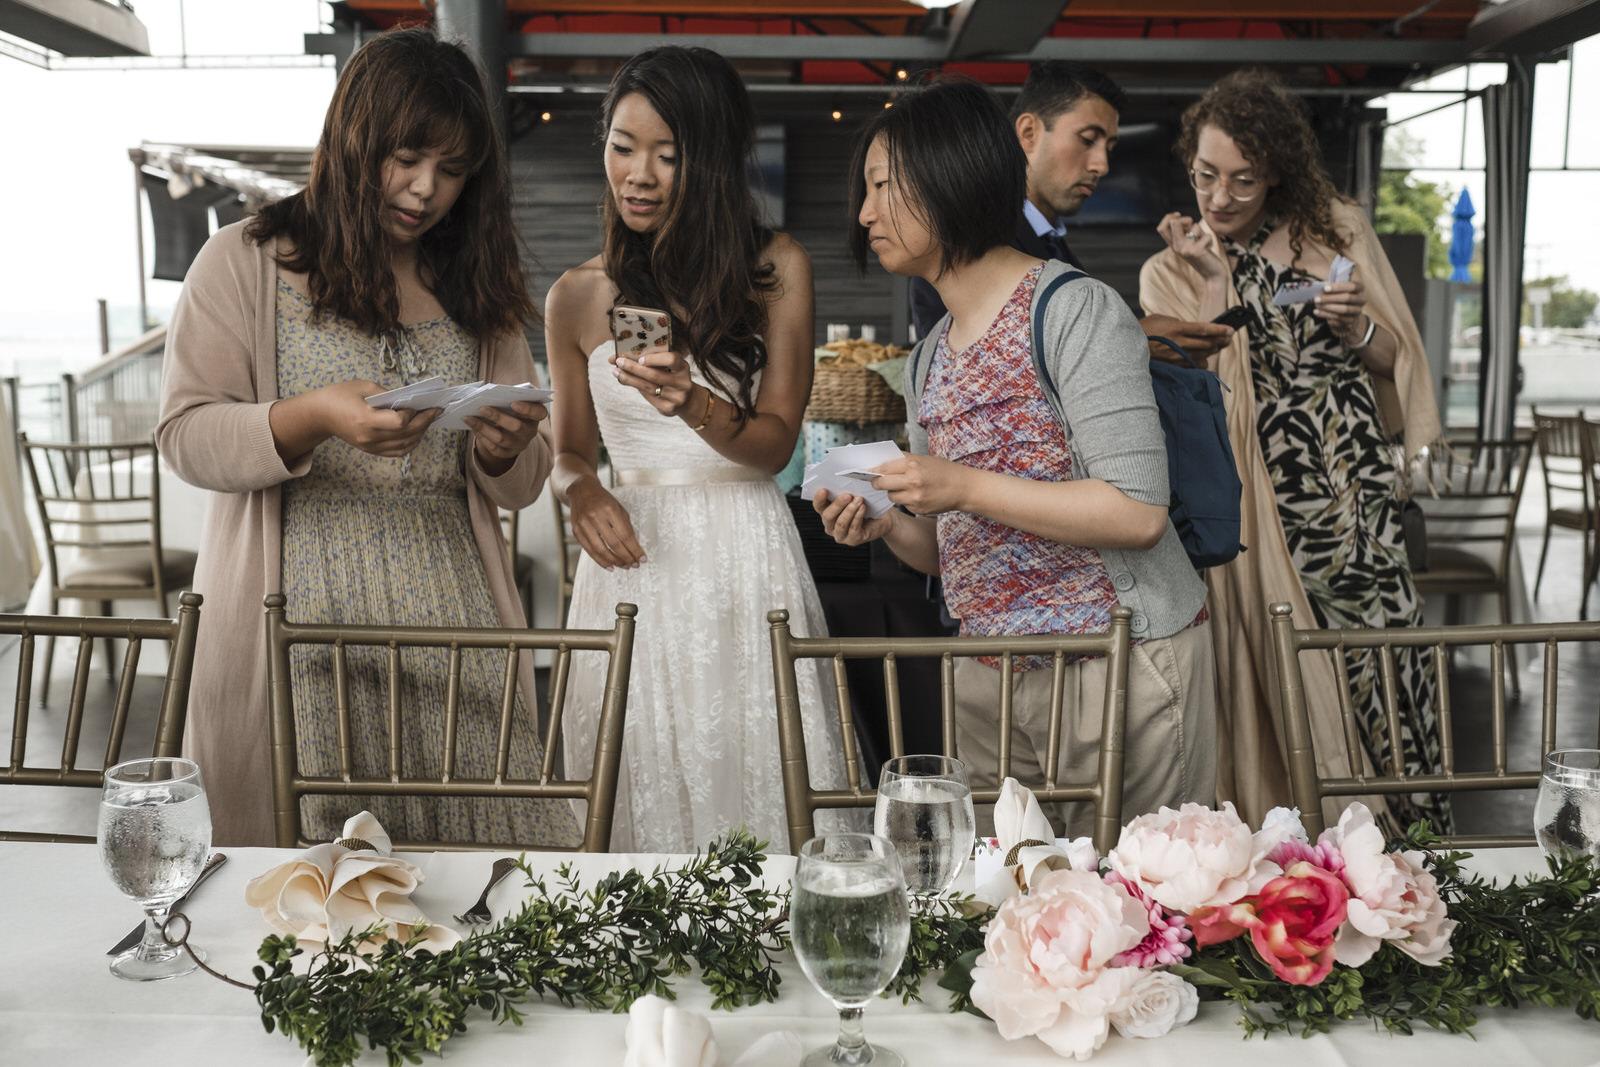 nha_carlos_san_diego_wedding (11).jpg